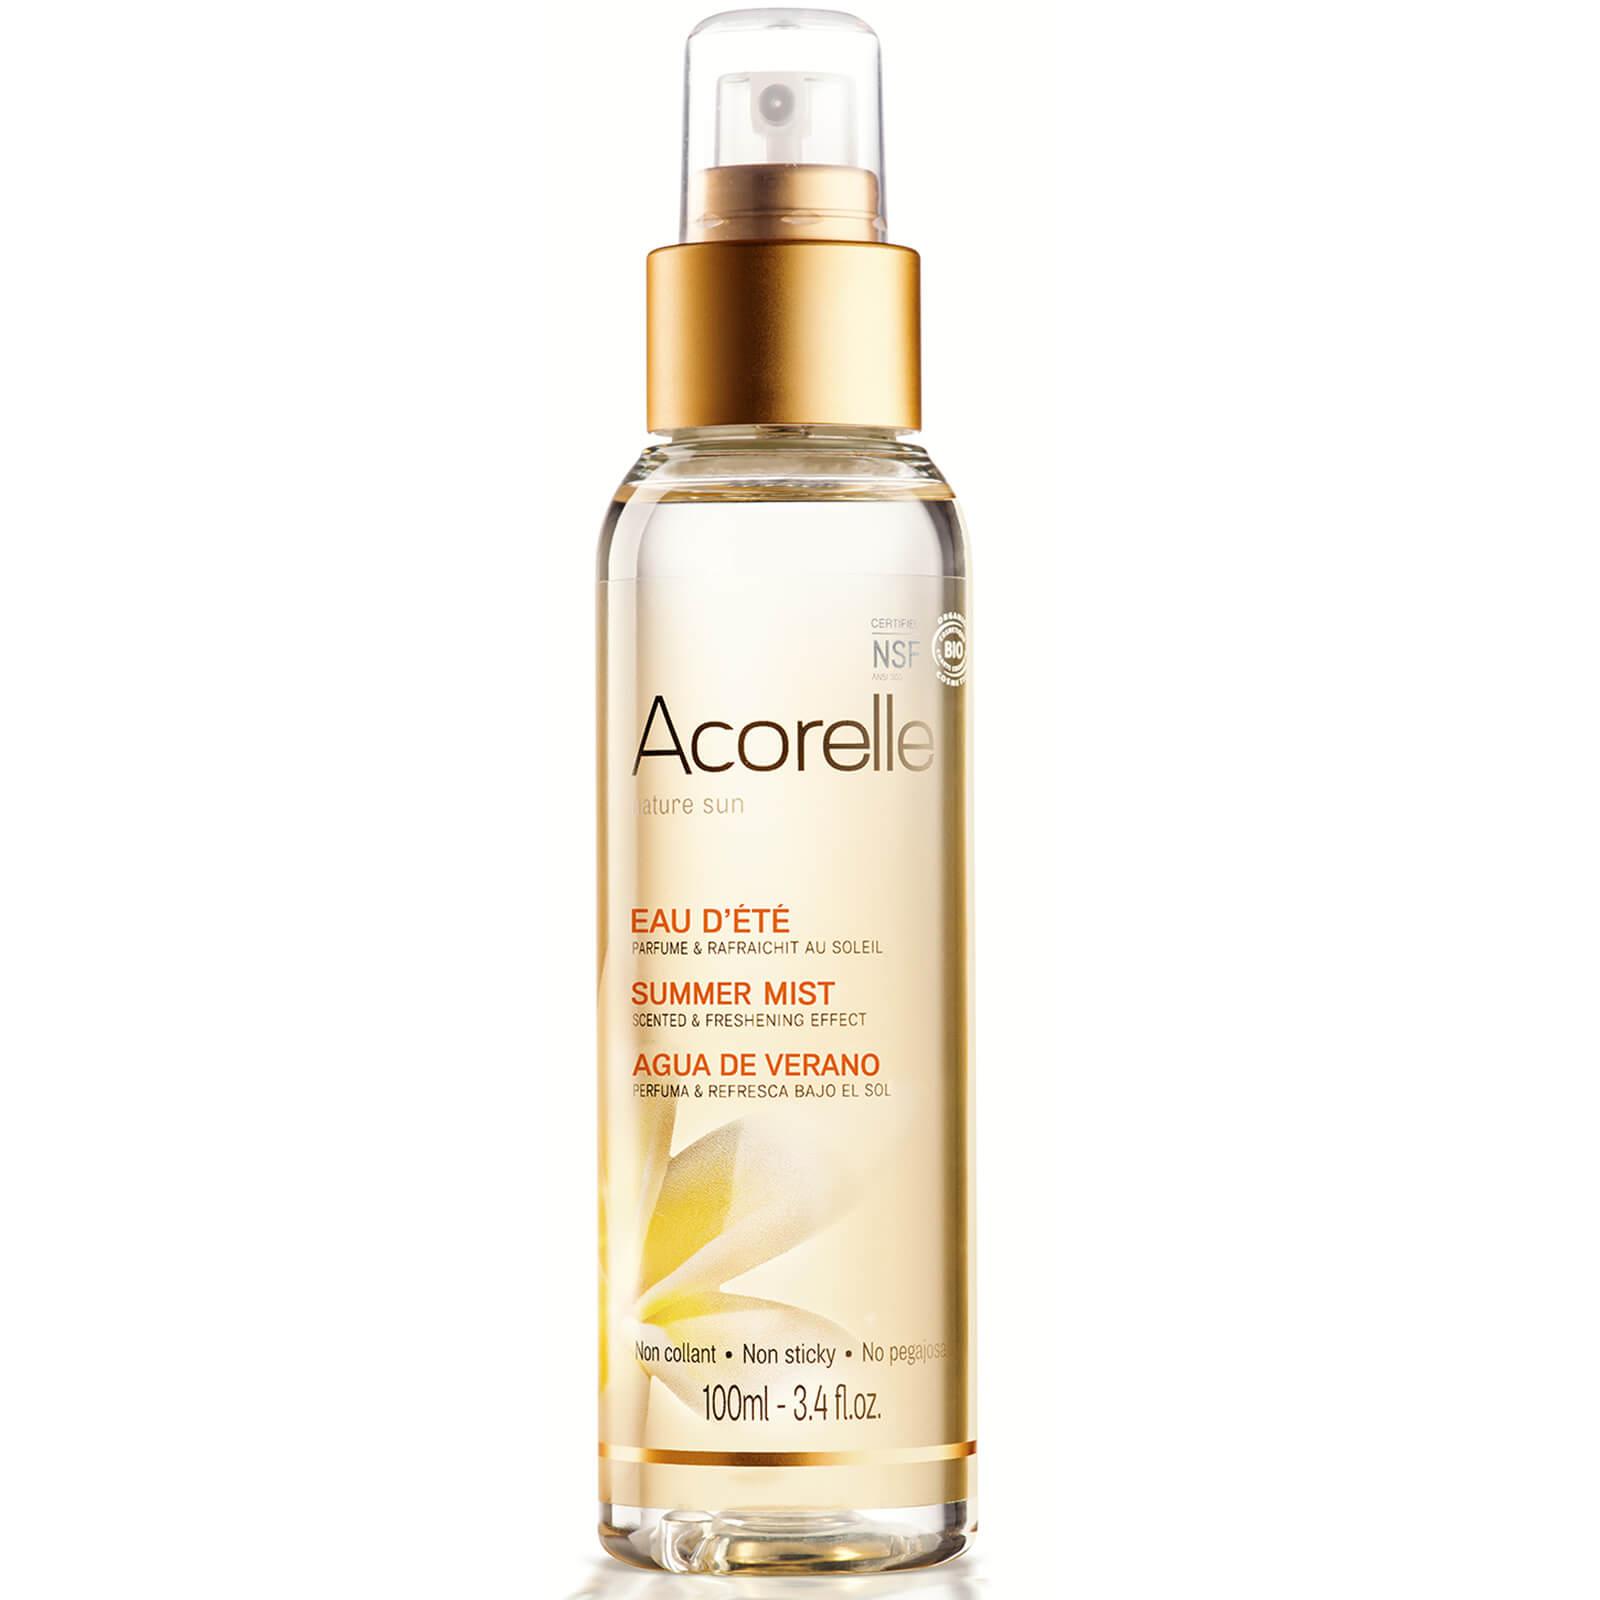 Купить Мист для тела с ароматом цитрусовых, жасмина и гвоздики Acorelle Summer Mist Body Perfume— 100мл